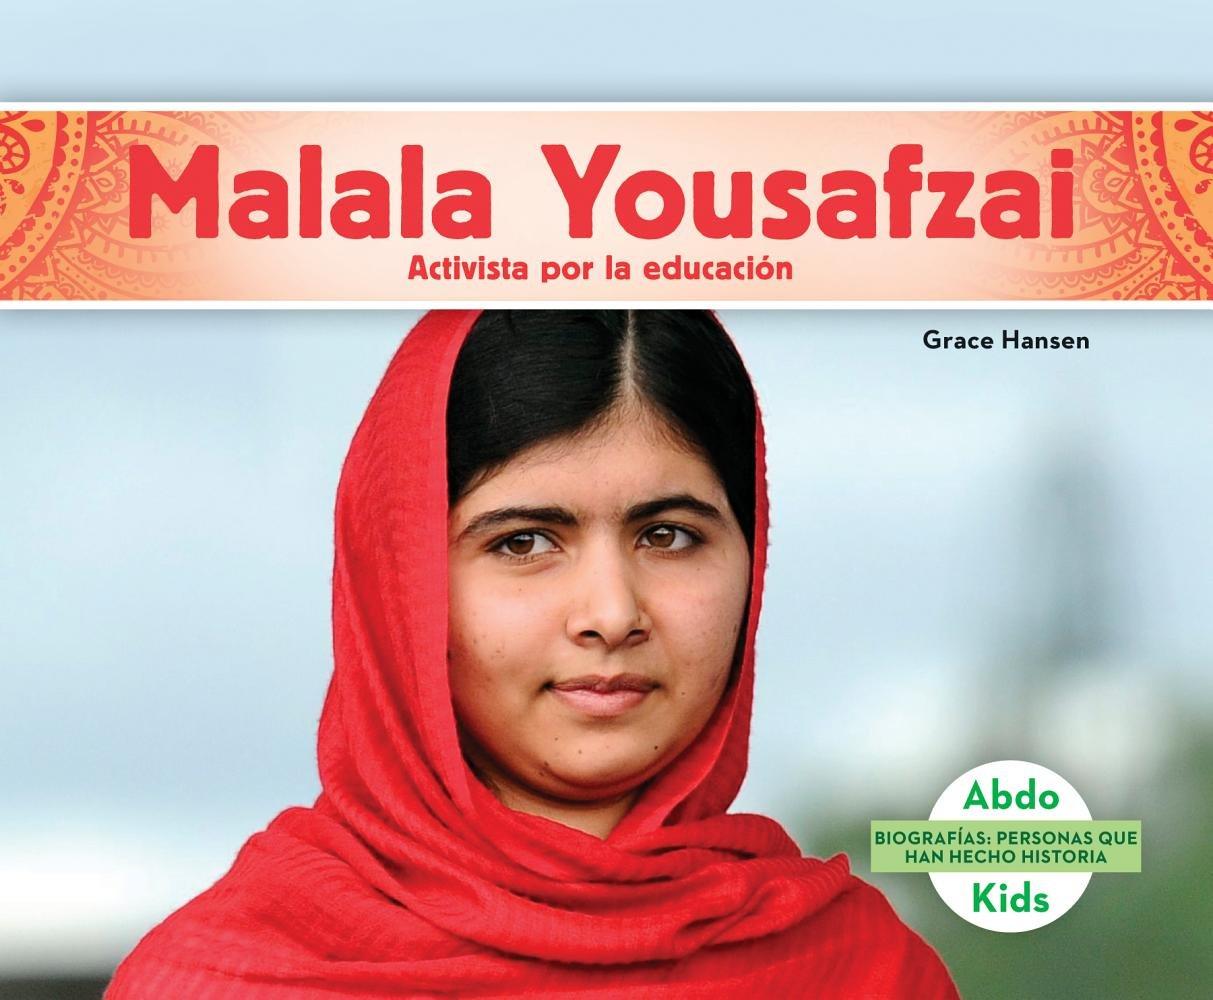 Malala Yousafzai: Activista Por La Educacion/Education Activist (Biografias: Personas Que Han Hecho Historia/History Maker Biographies) (Spanish Edition)